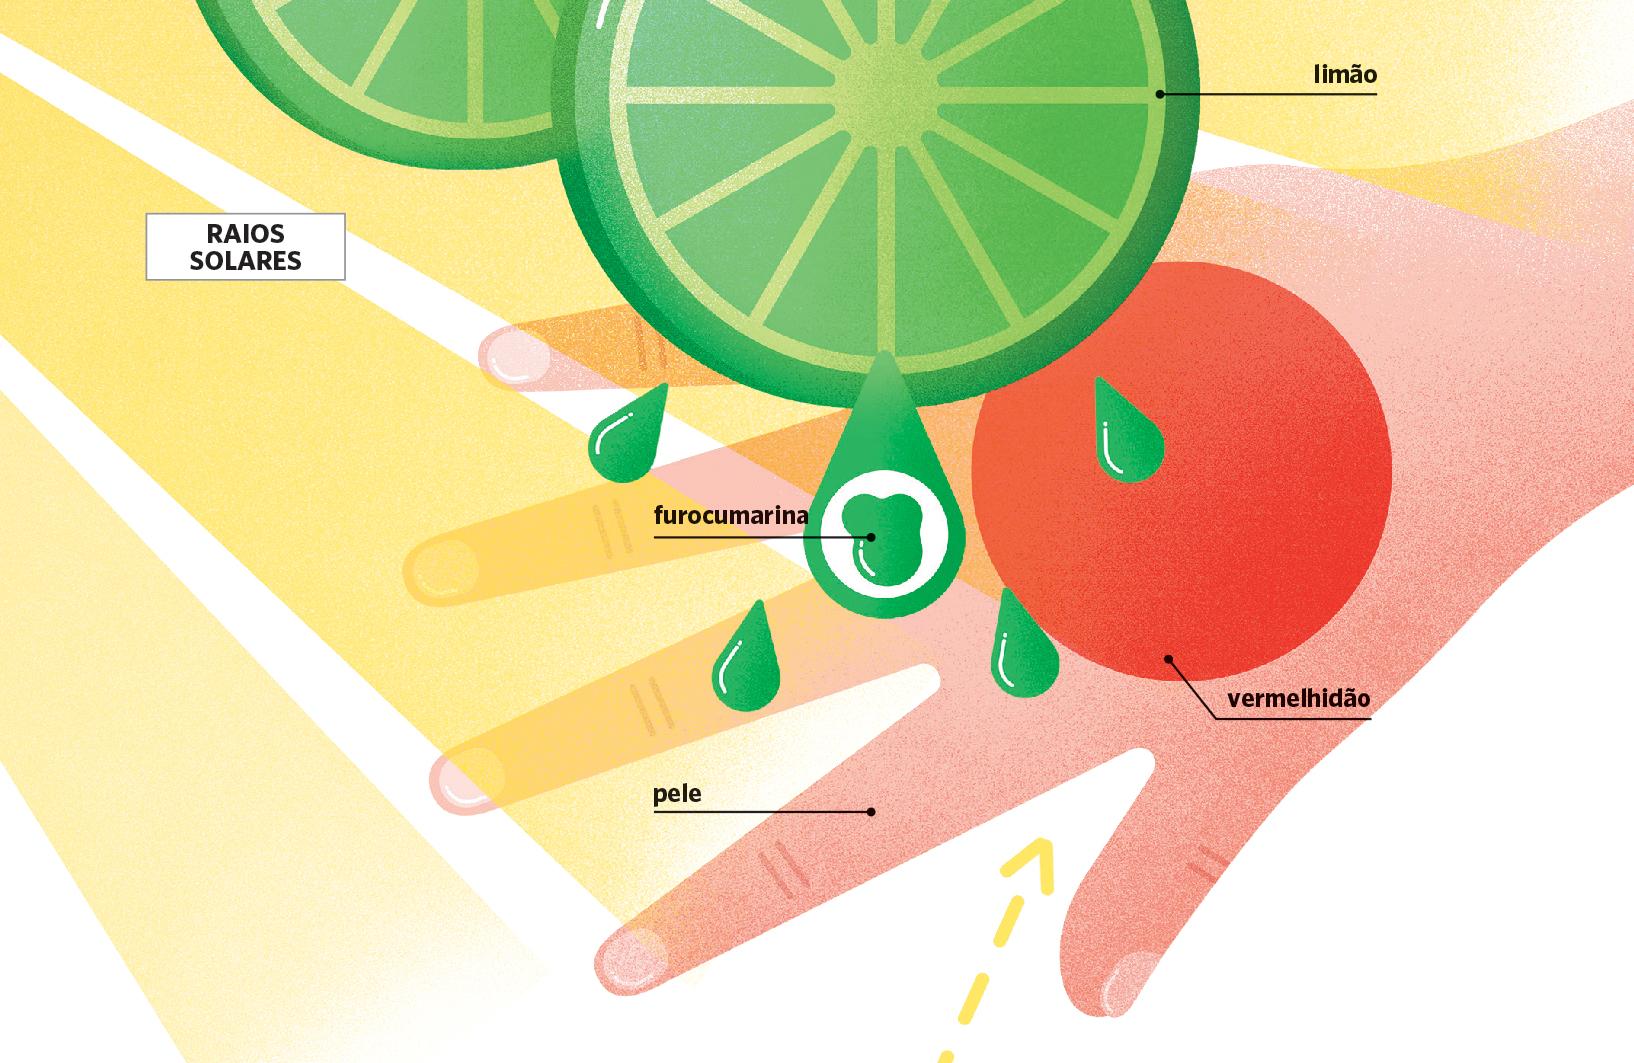 limão mancha a pele no sol